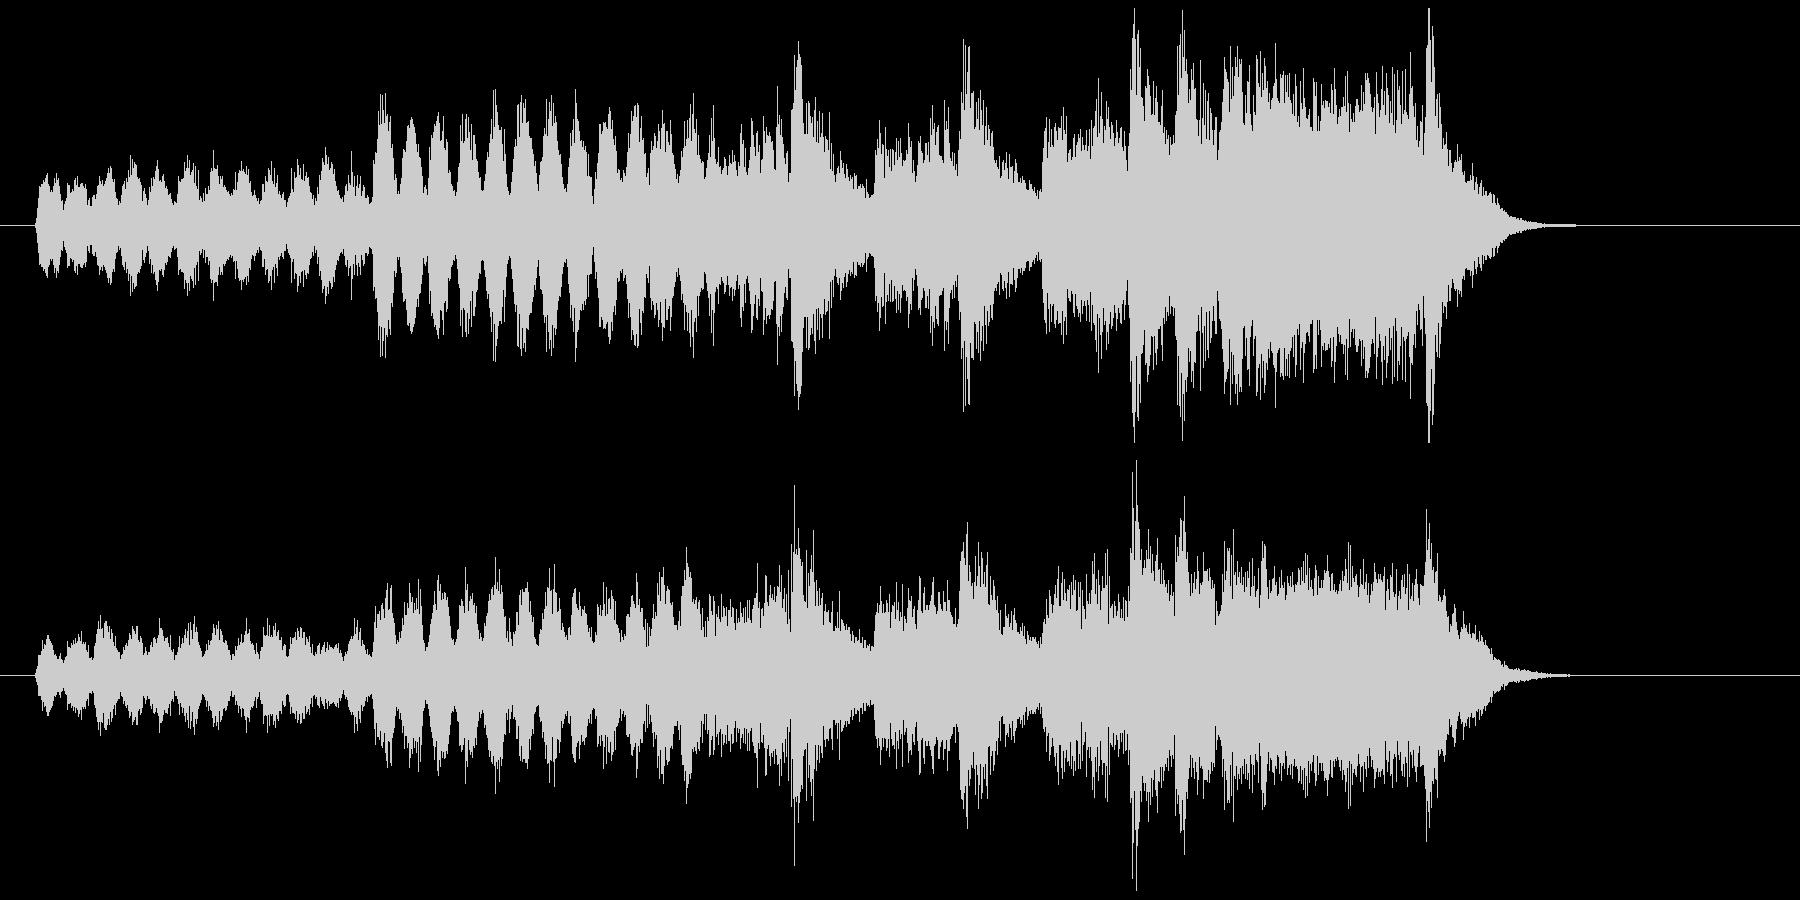 始まりのイメージのファンファーレの未再生の波形